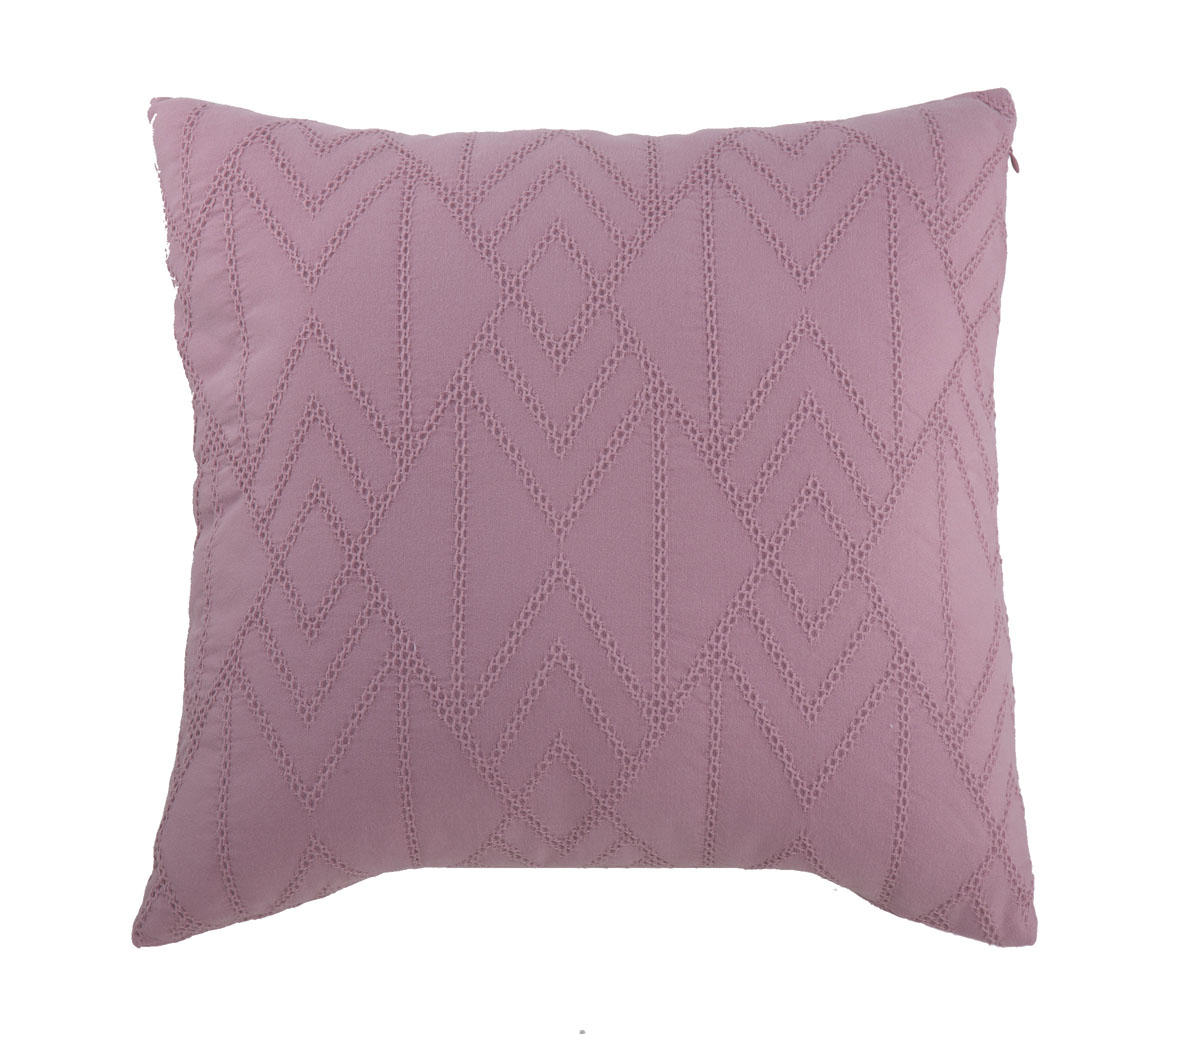 το διακοσμητικό μαξιλάρι της σειράς excite